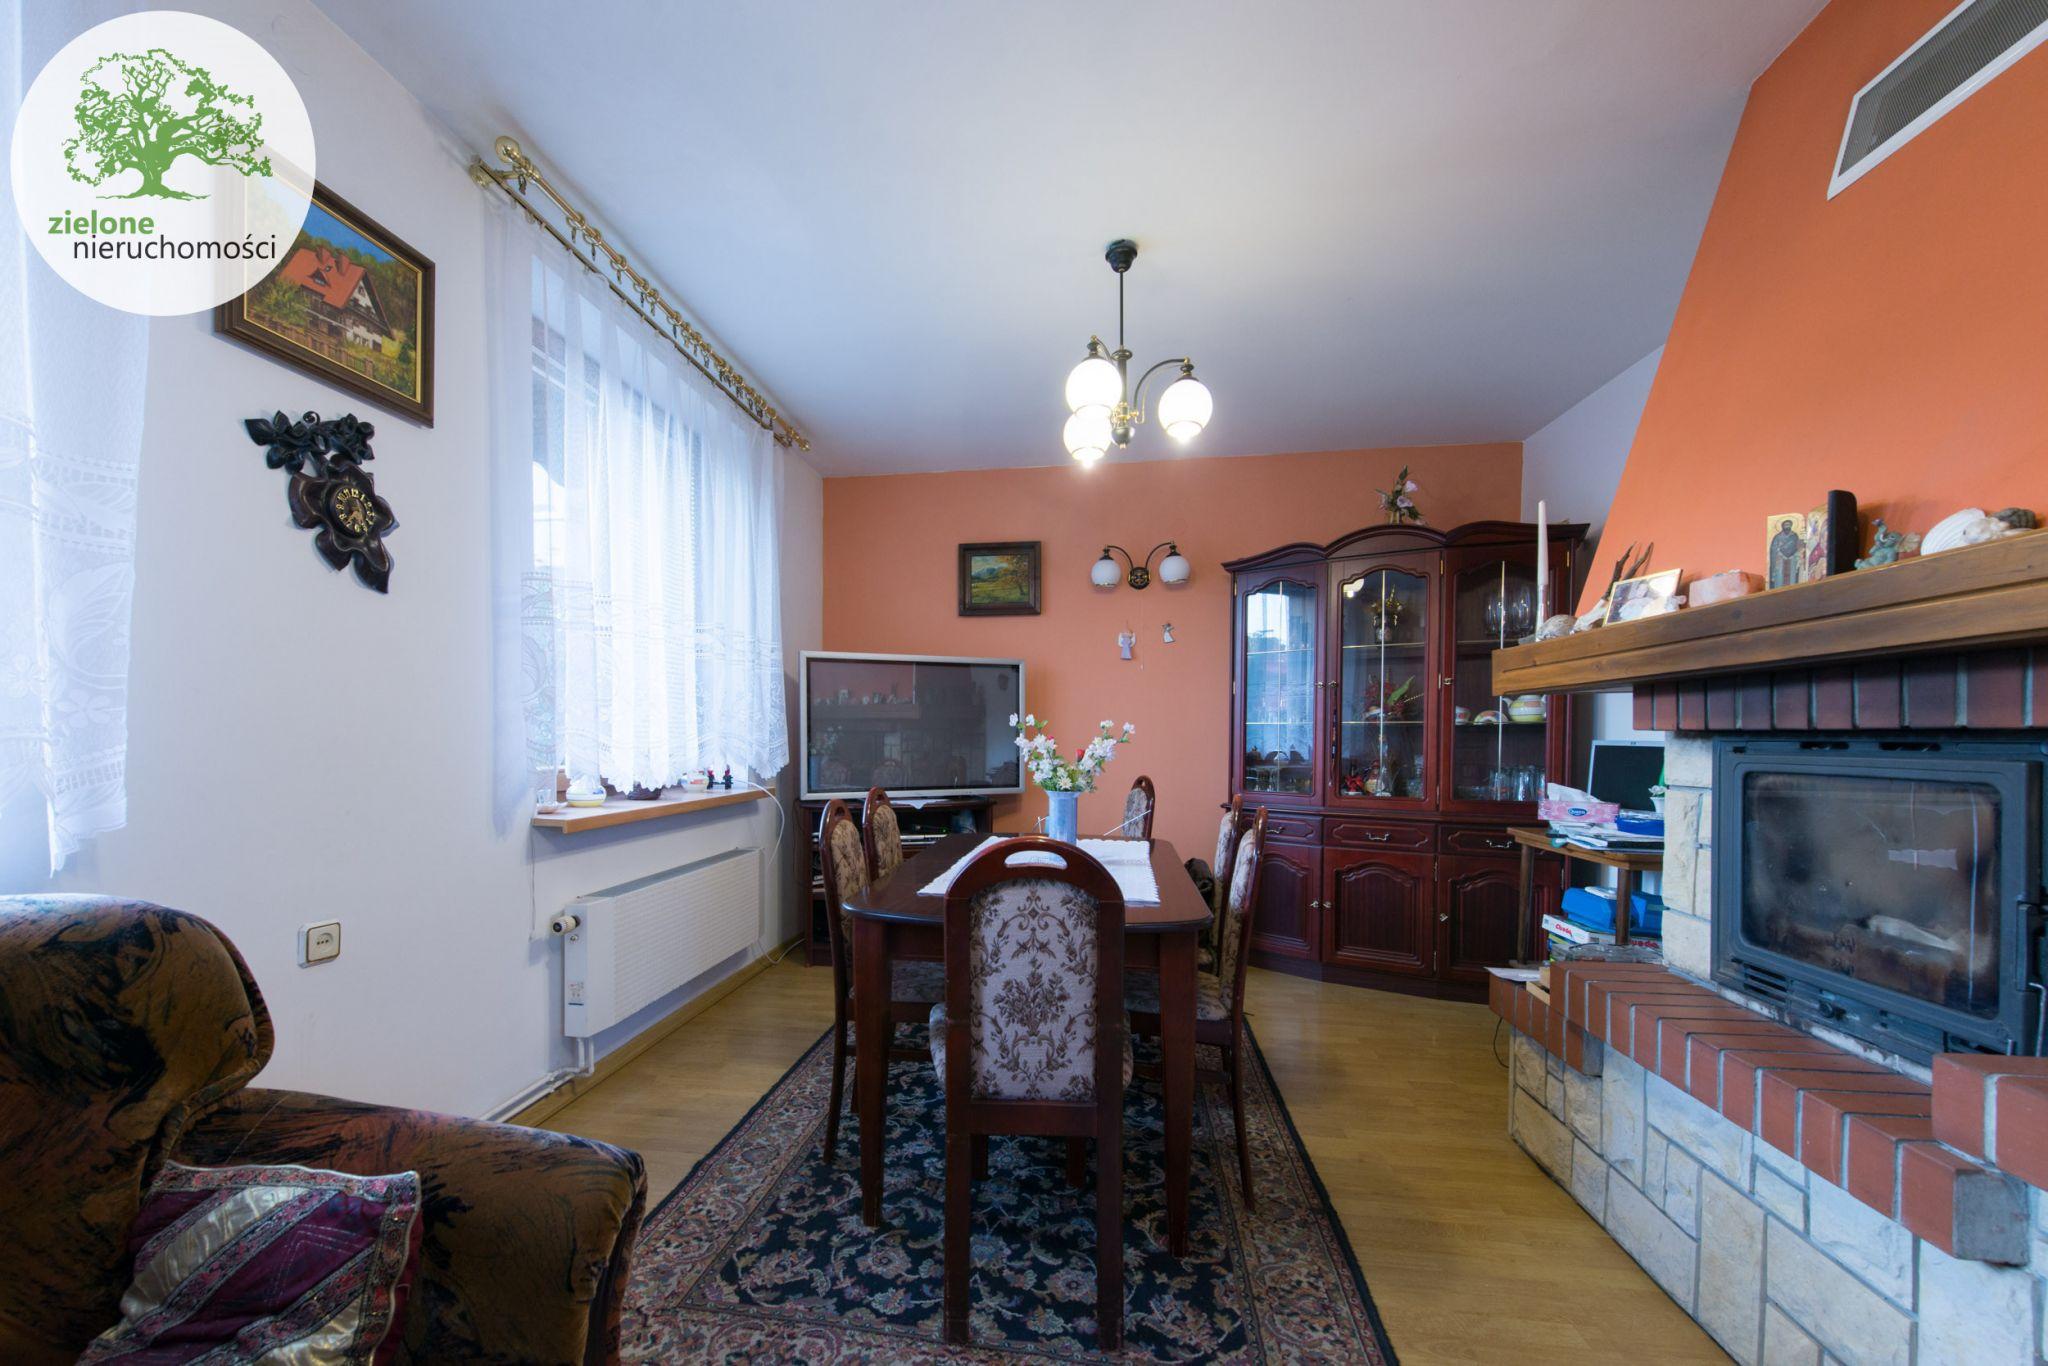 Zdjęcie 17Dom, pensjonat w Szczyrku